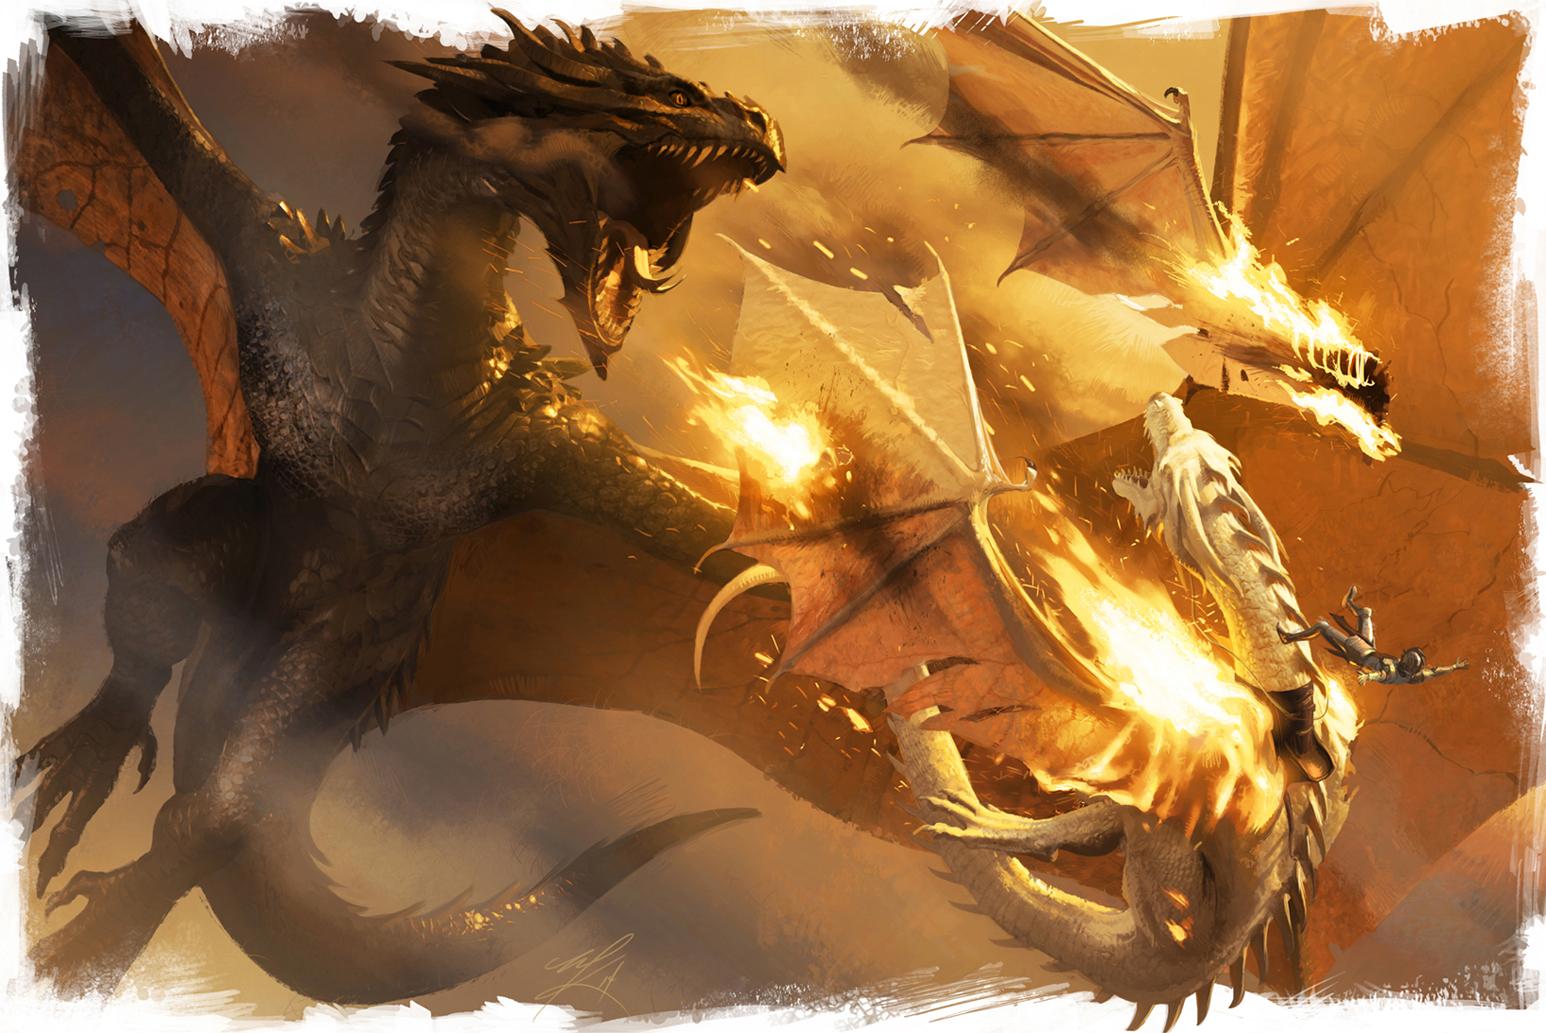 Schlacht unter dem Götterauge